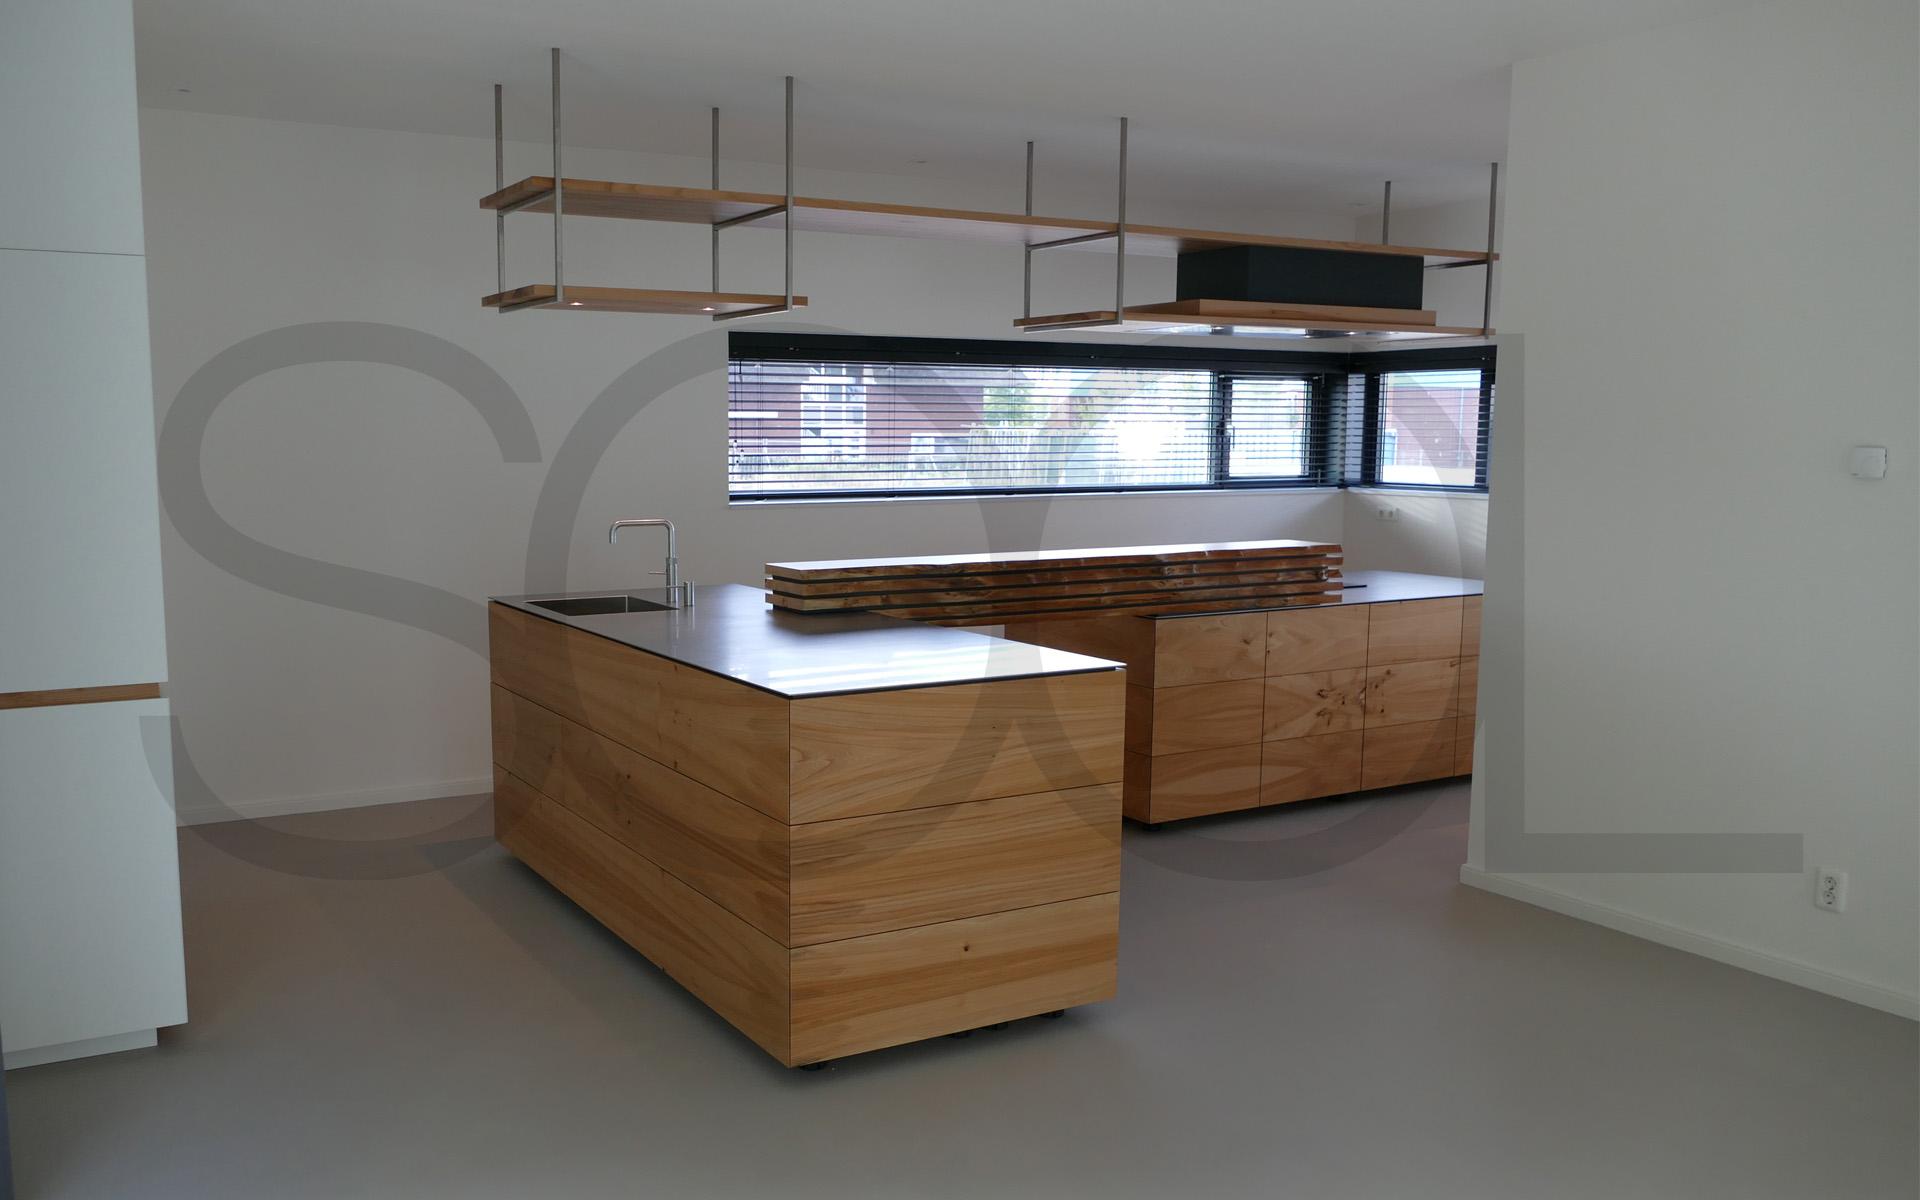 Iepenhout maatwerk keuken te Groningen